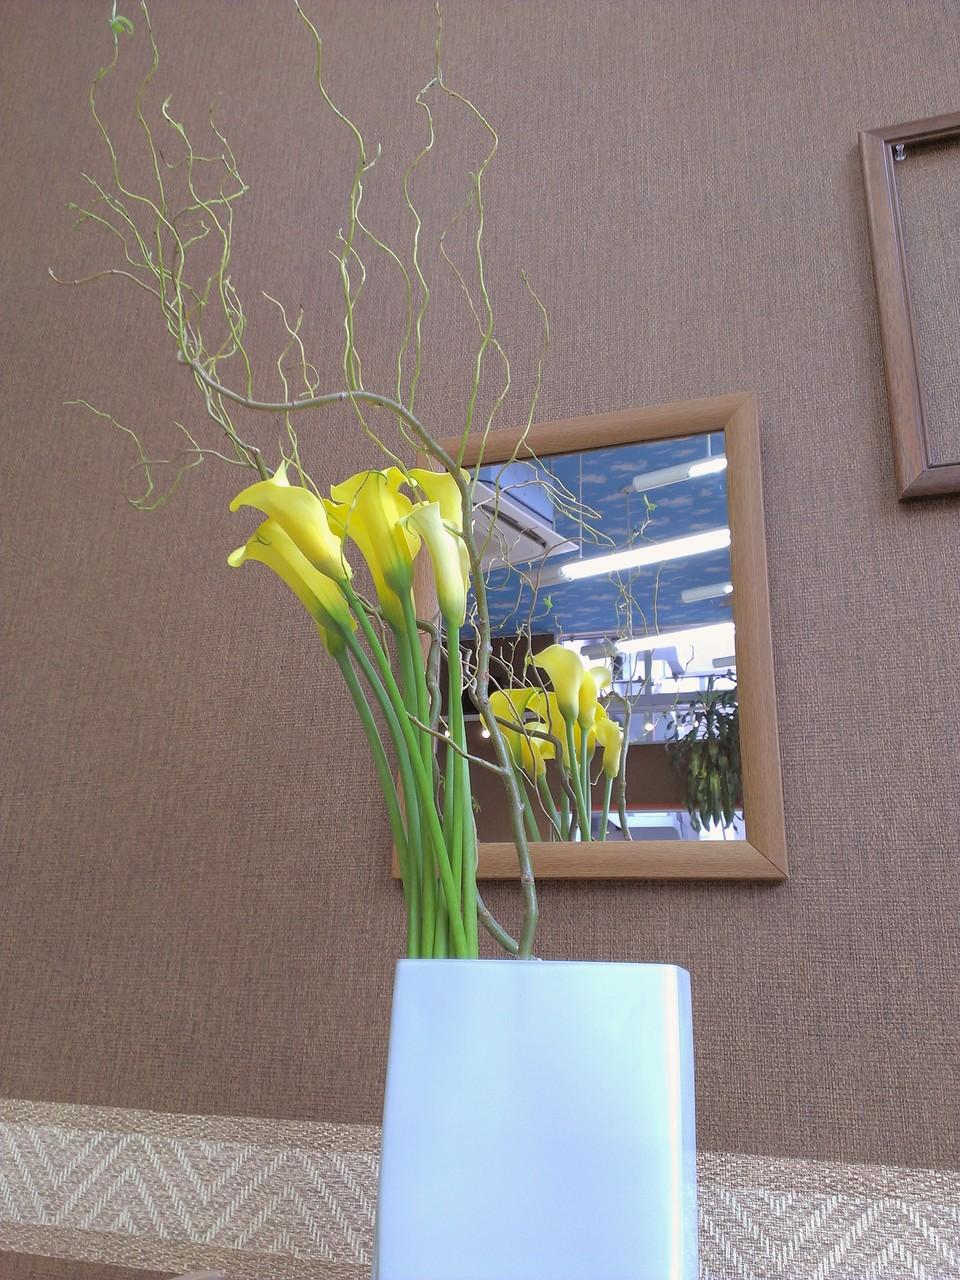 2014.07.09  カラー:ブラックマジック、雲竜柳(ウンリュウヤナギ) ・上品に伸び上がるカラーと自由奔放に伸びる柳の絶妙なバランスをお楽しみください。柳の先に新芽が芽吹くそうです。 花言葉は=カラー:ブラックマジック【実らぬ恋・・・】、雲竜柳【素早い対応】と言う意味があるようです。今回のアレンジには直接意味はなさそうですf(・・;)